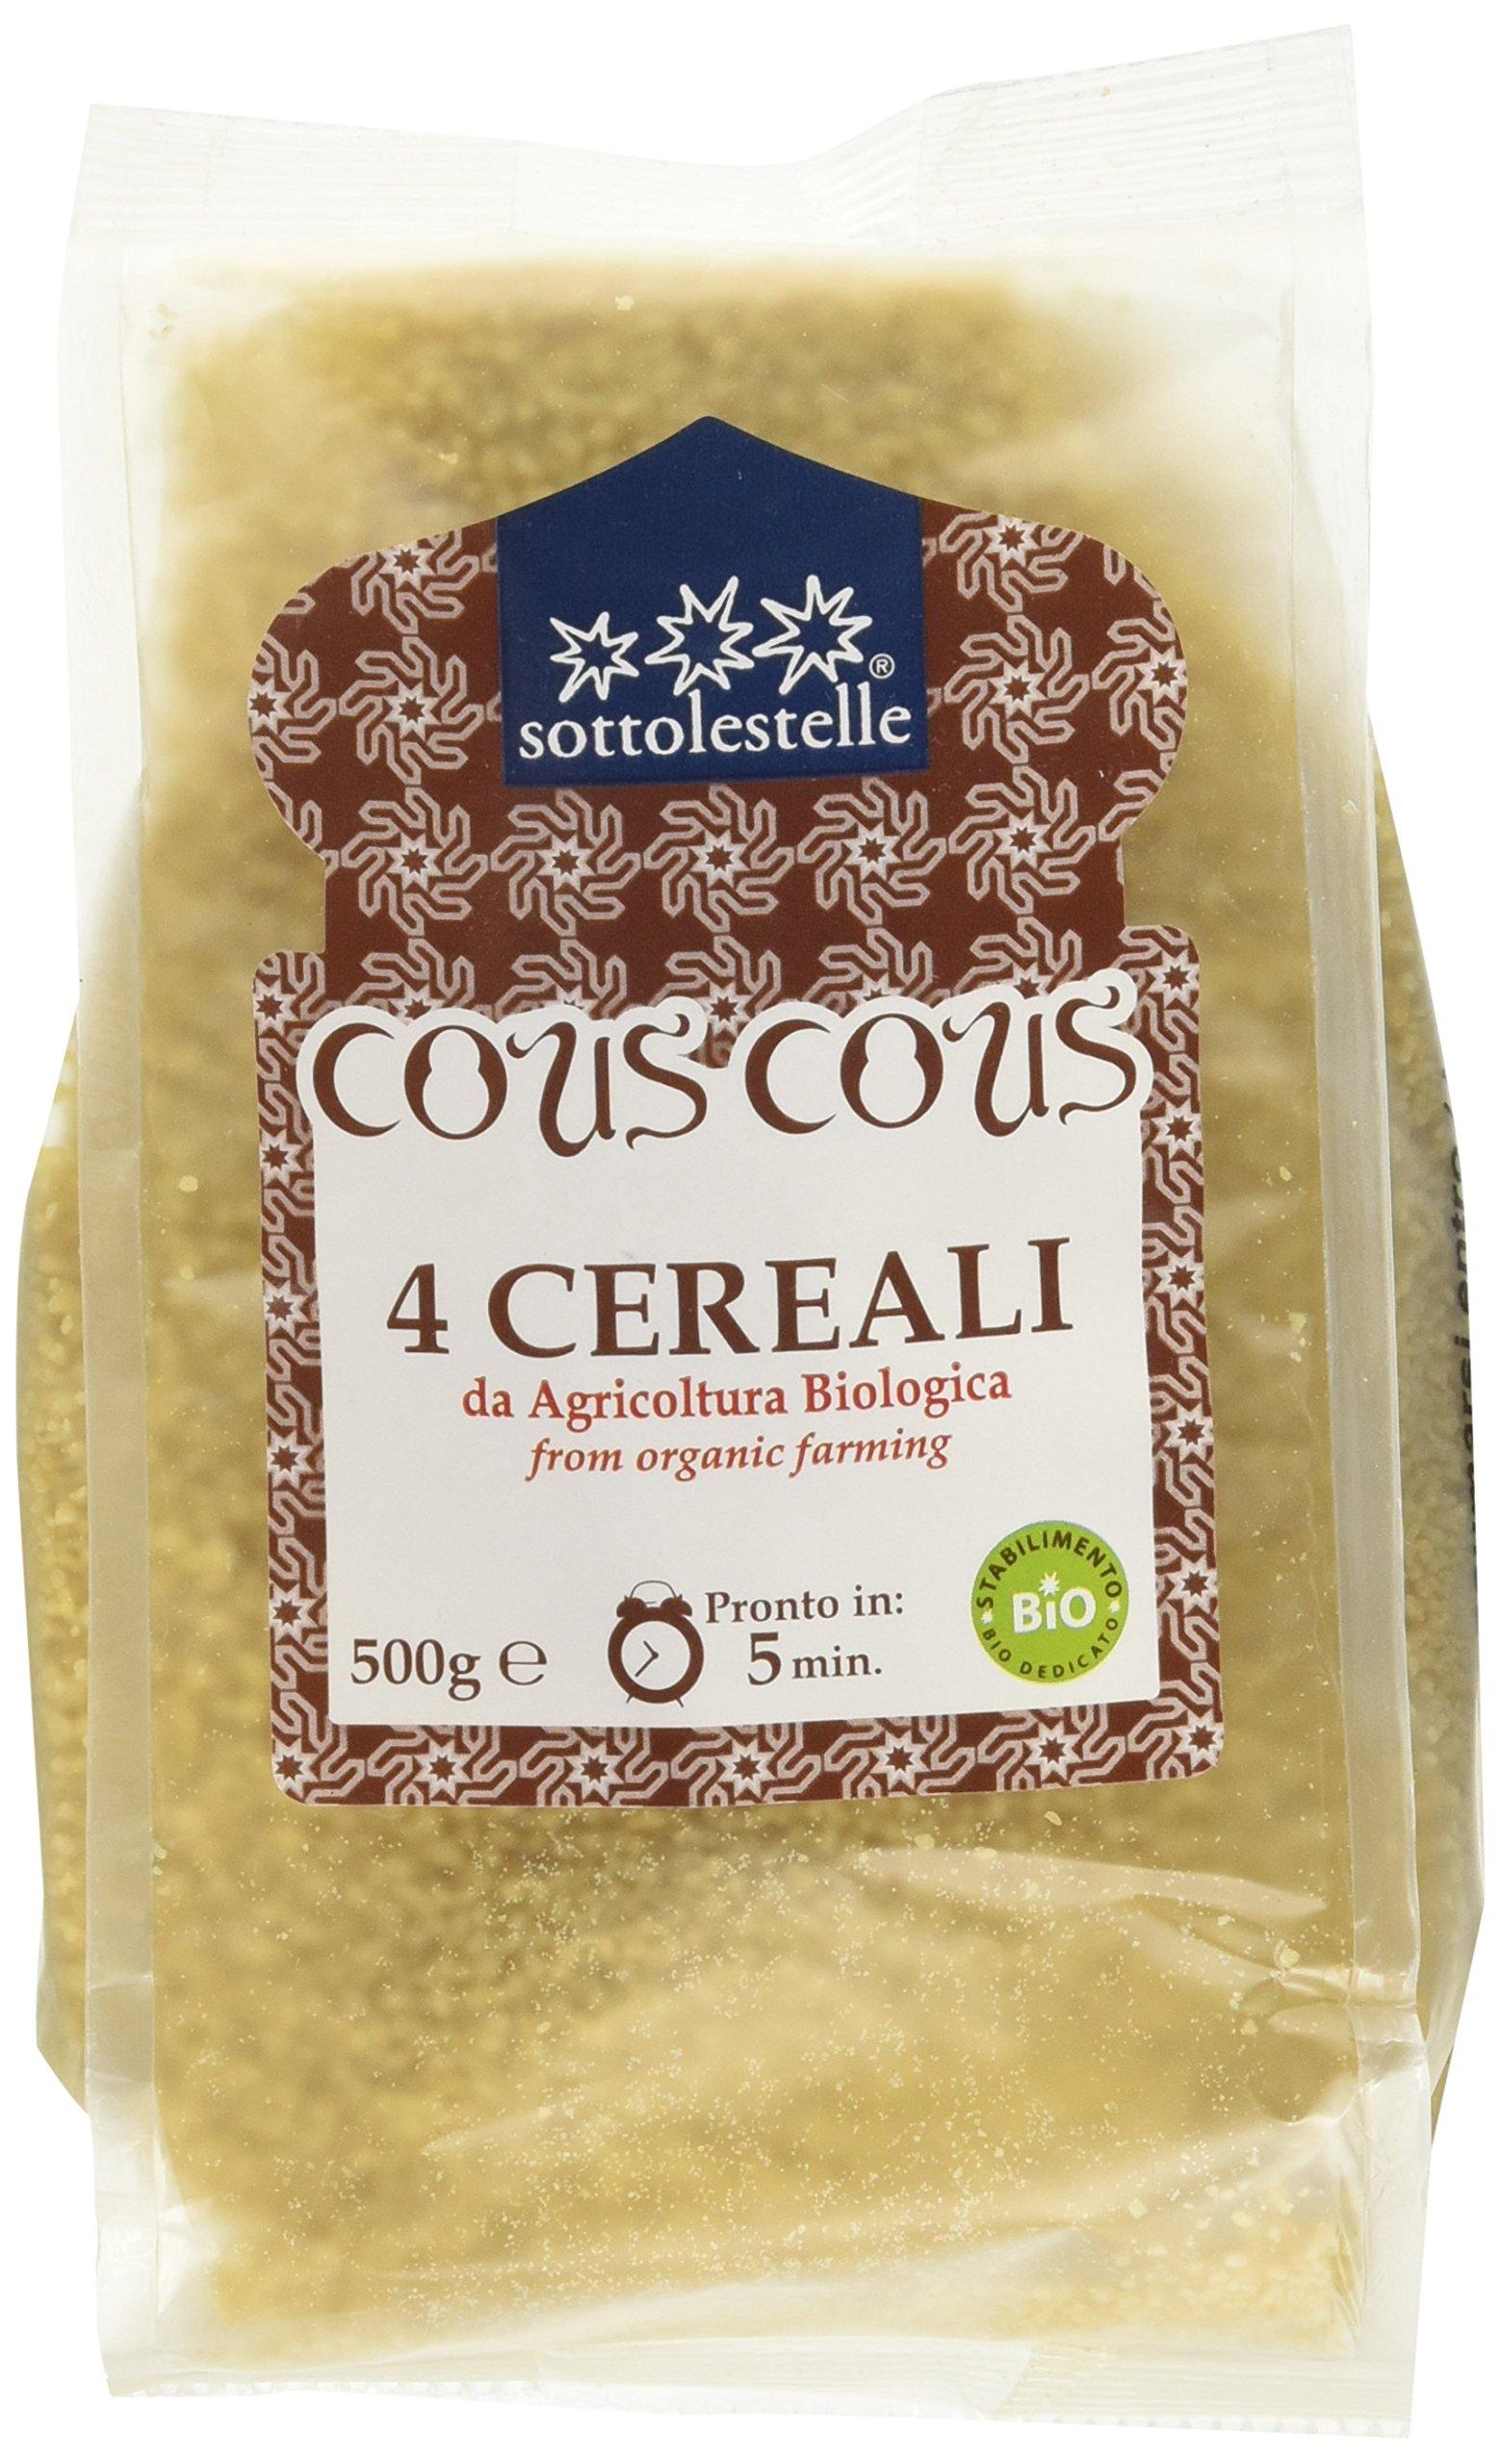 Sottolestelle Cous Cous 4 Cereali - 6 pezzi da 500 g [3 kg] 1 spesavip